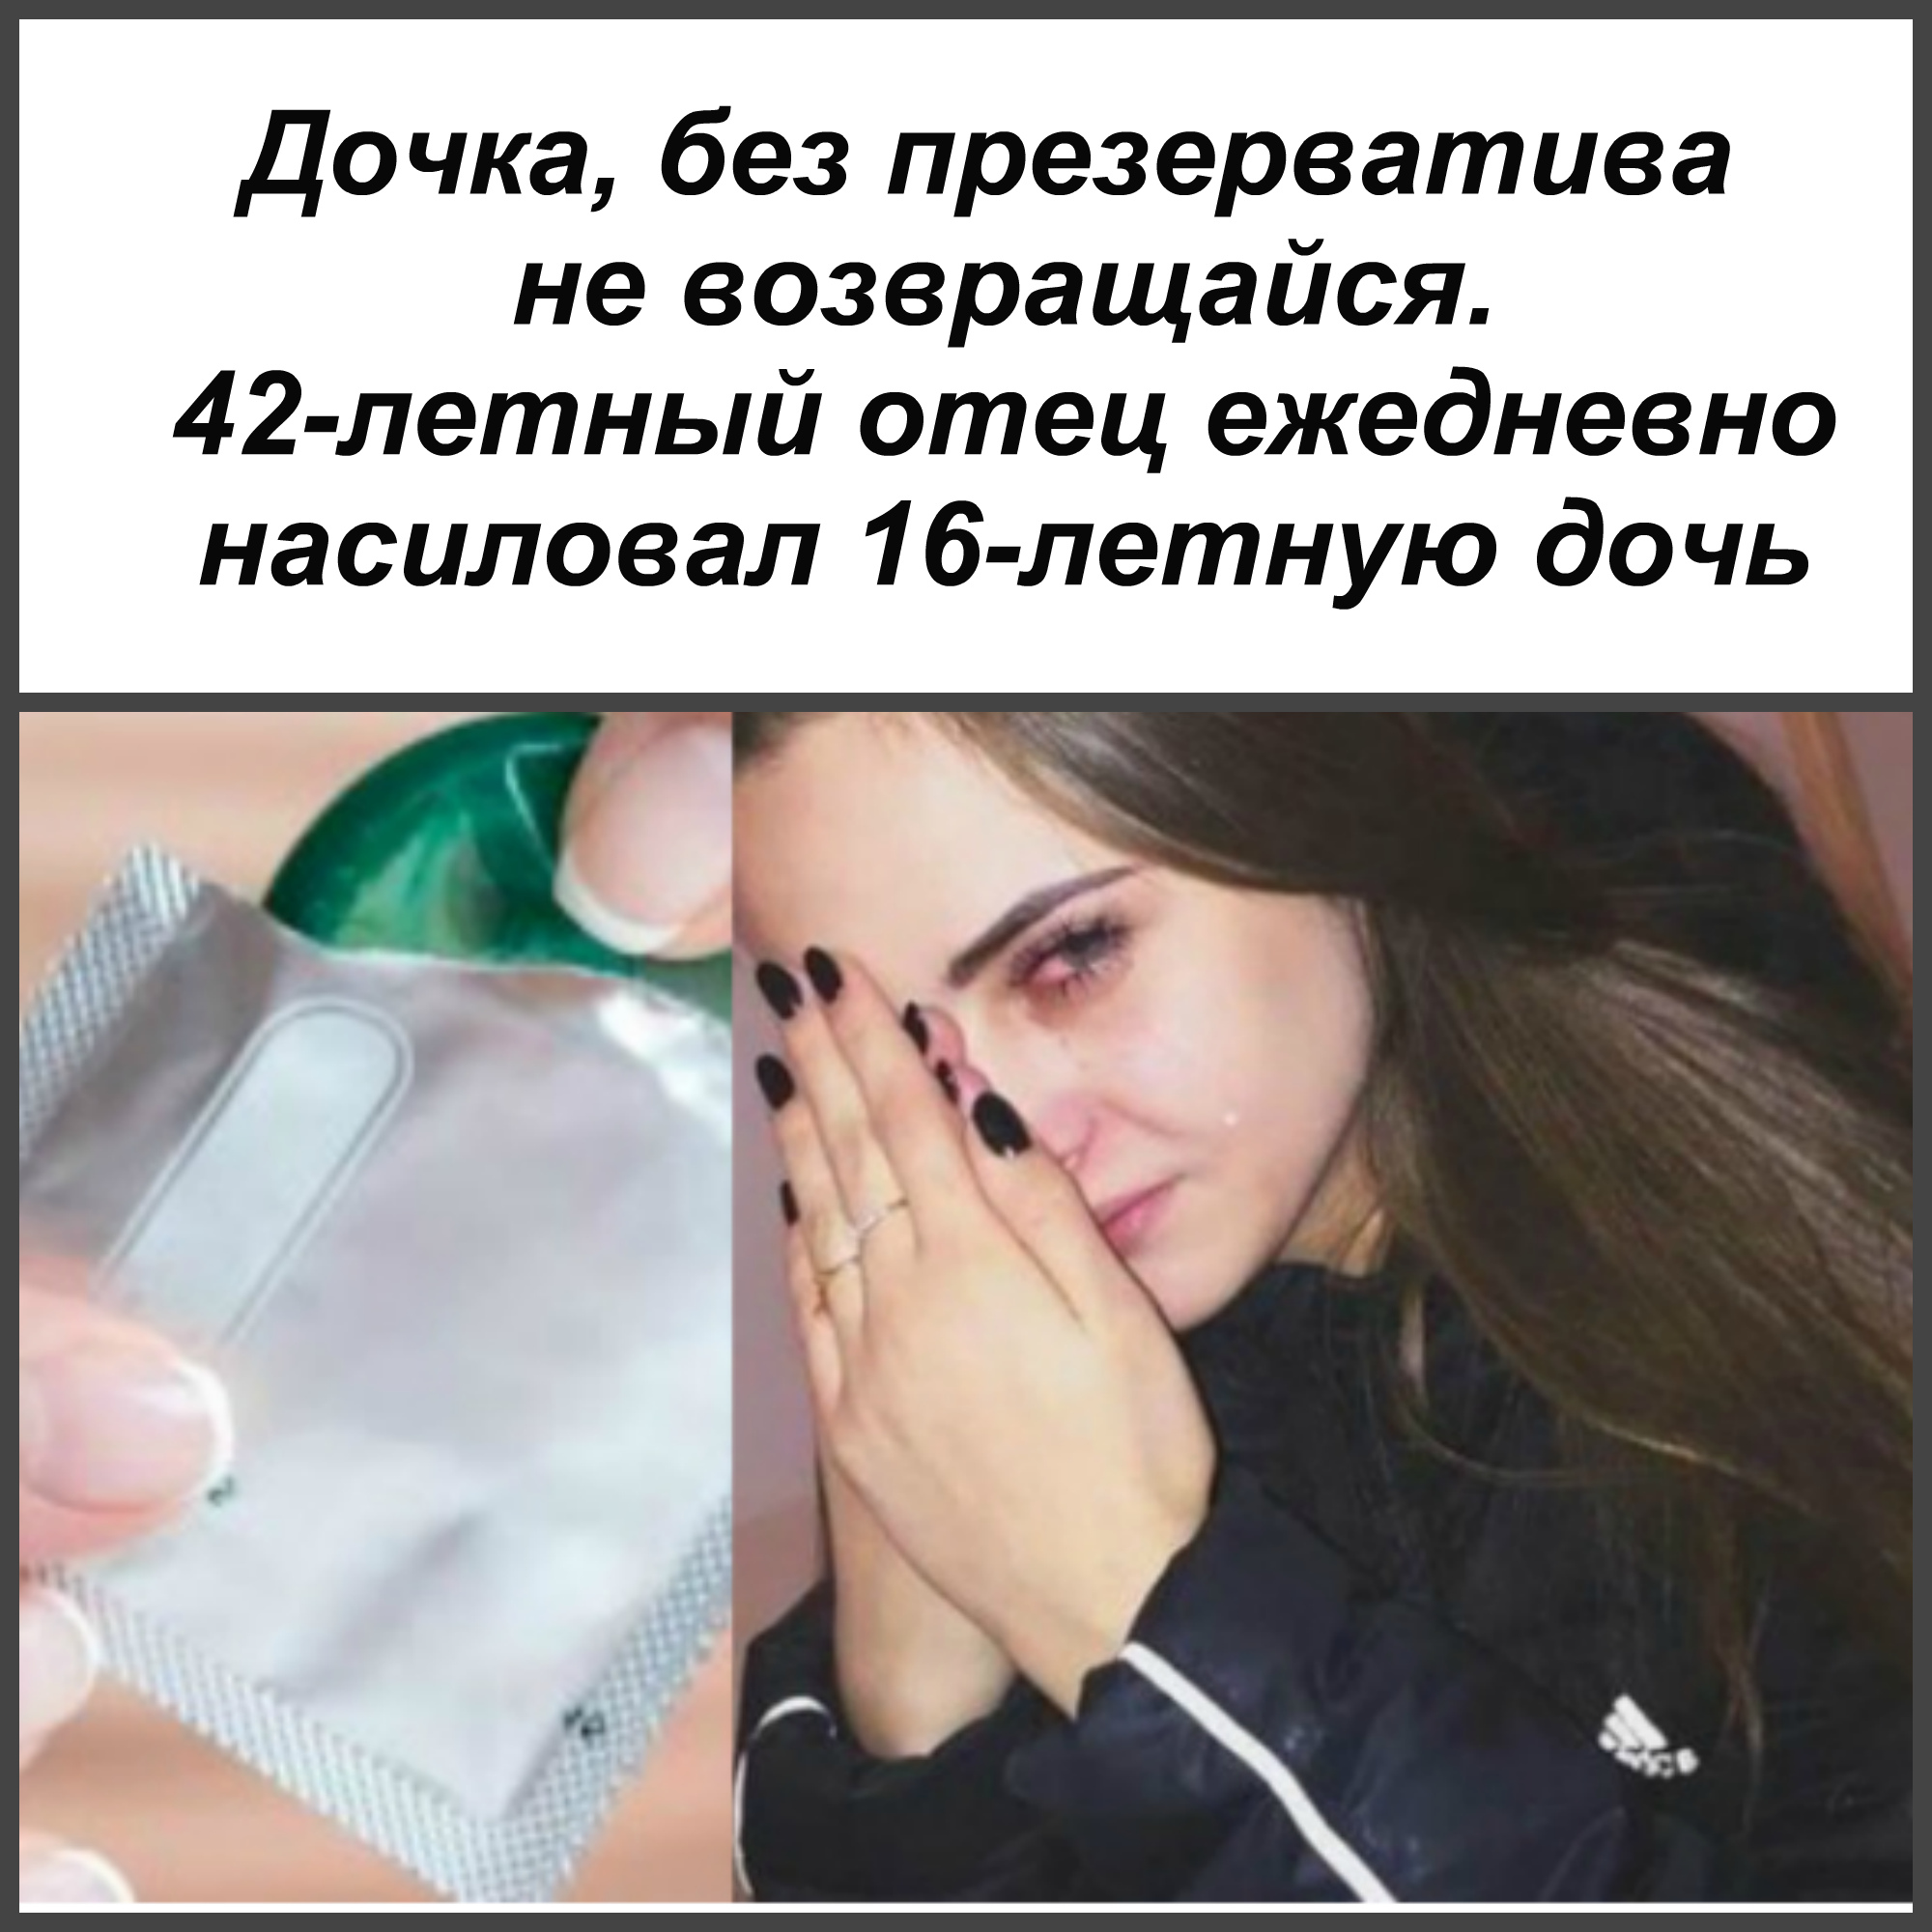 Дочка, без презерватива не возвращайся. 42-летный отец ежедневно насиловал 16-летную дочь